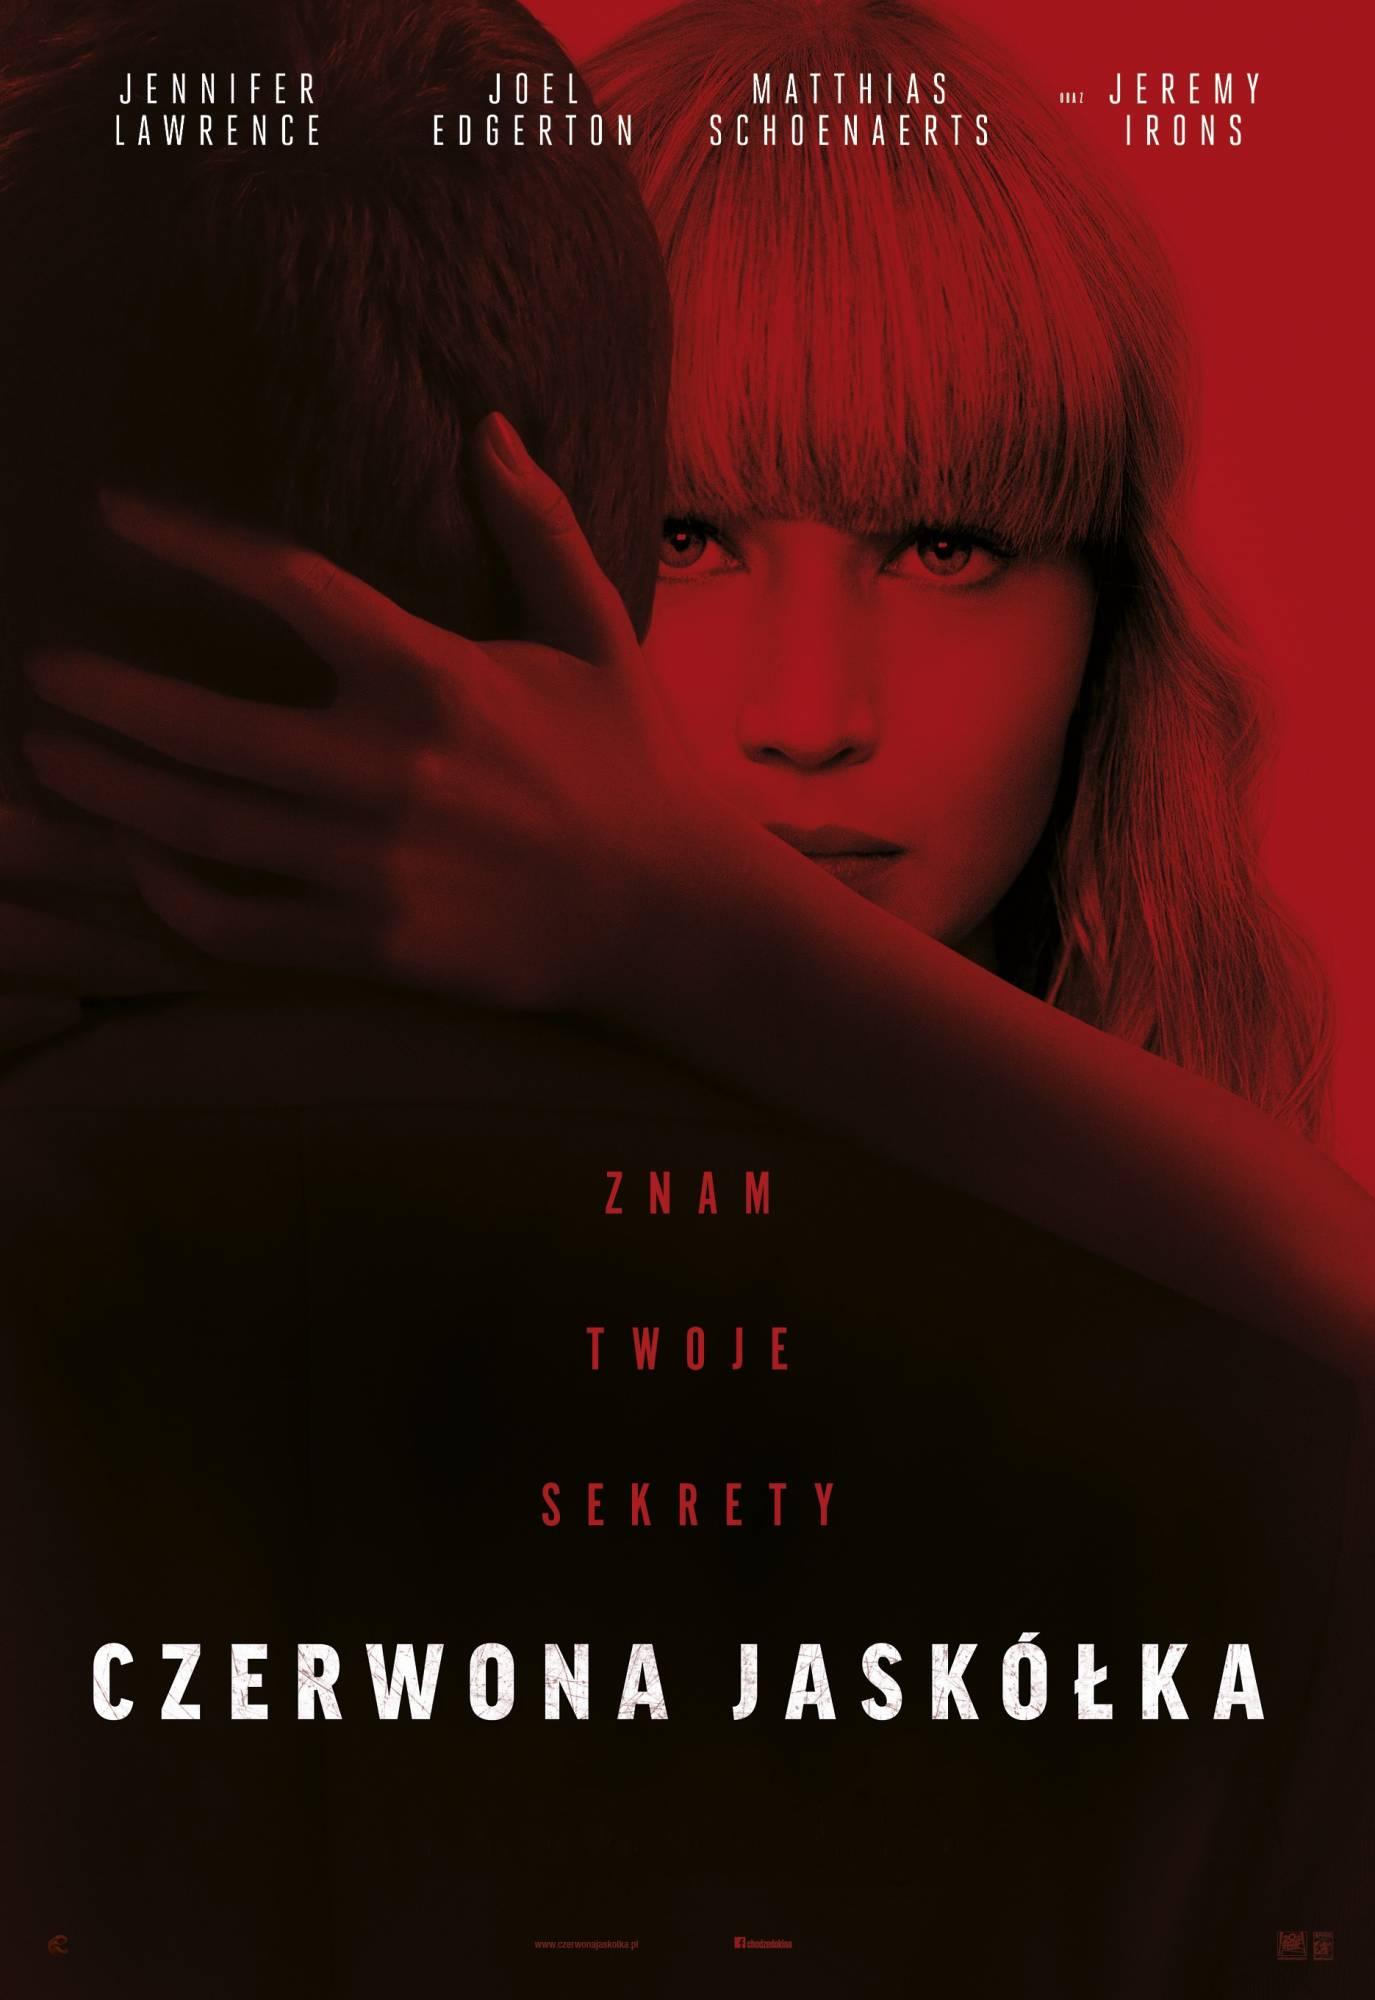 czerwona-jaskolka-plakat-01.jpg